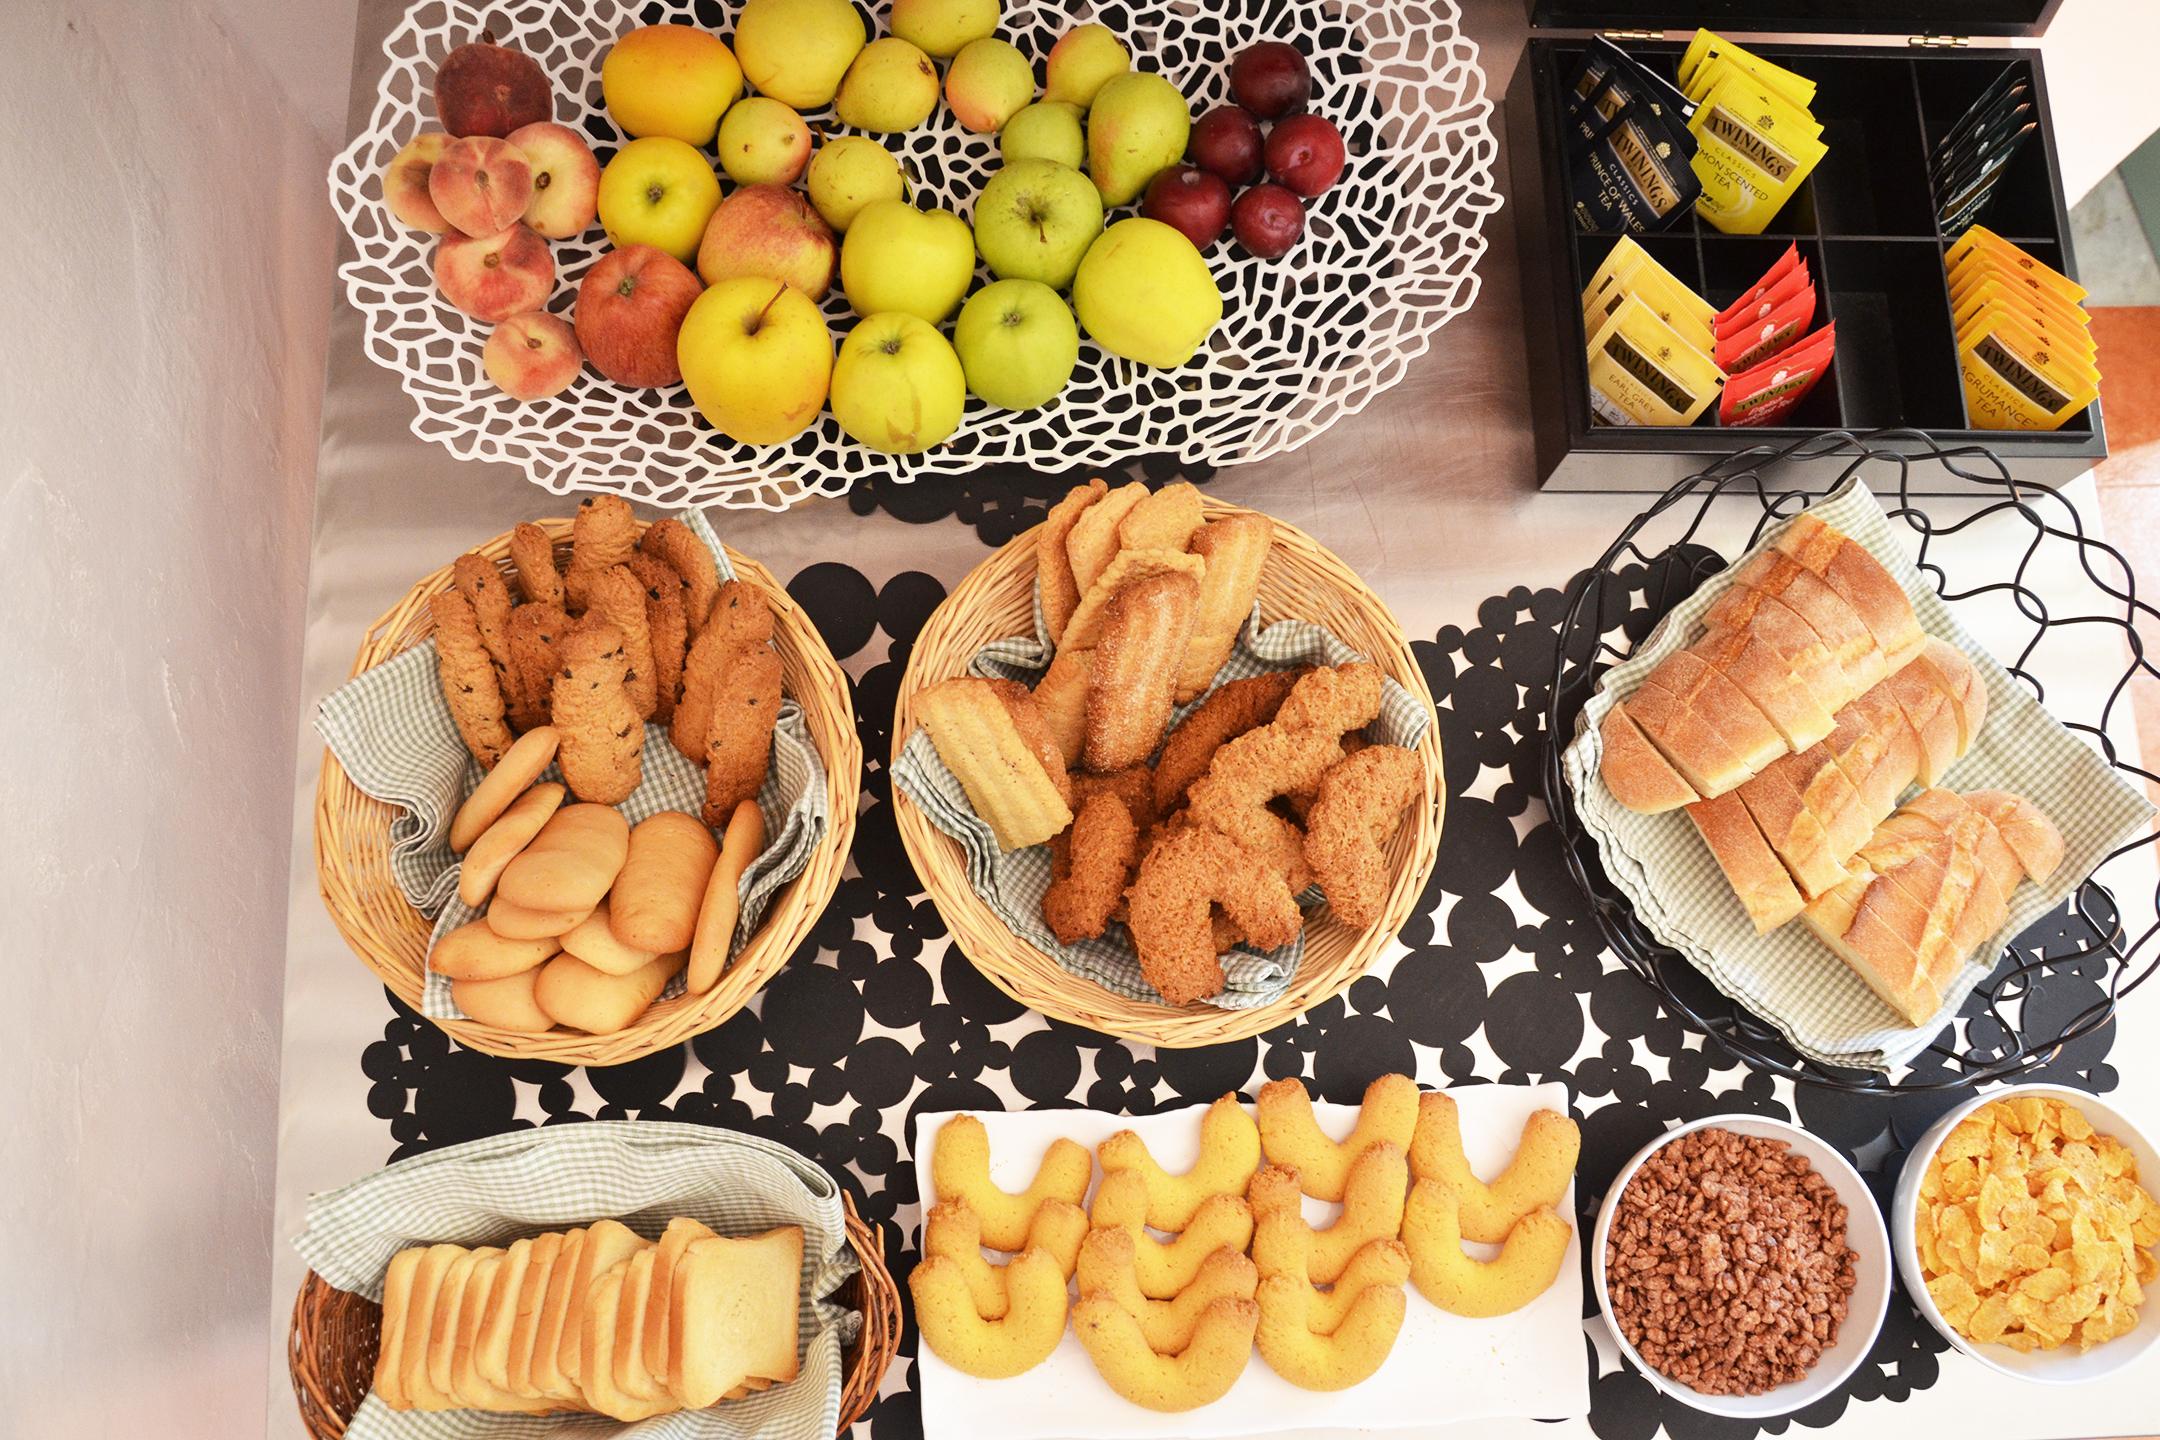 bed-and-breakfast-sicilia-alessia-canella-B&B-giardino-siciliano-sicily-trip-flowers-colazione-viaggiare